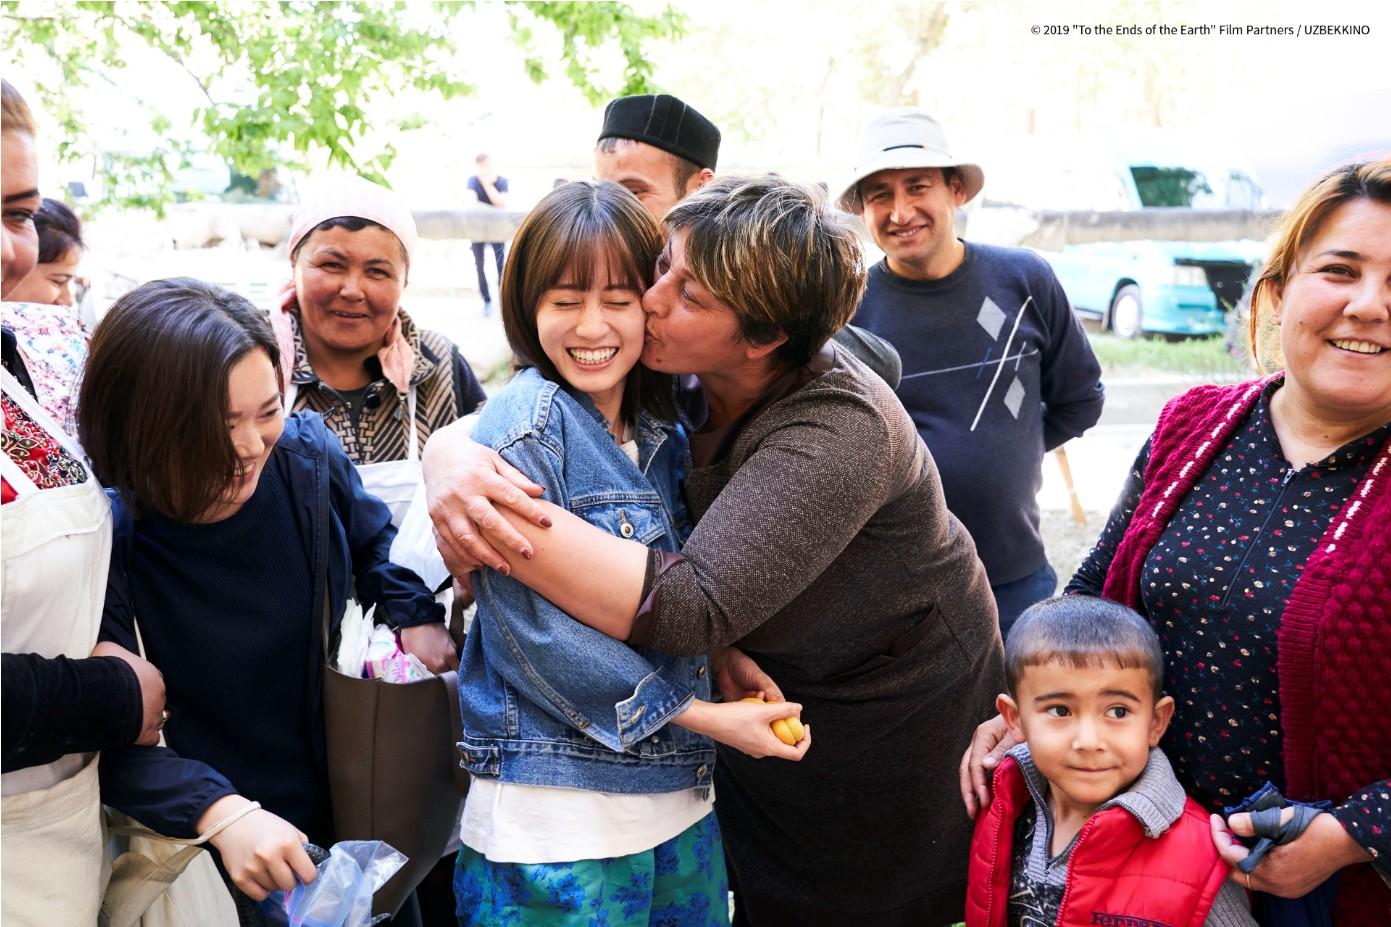 《在世界盡頭開始旅行》AKB48創始團員前田敦子遠赴歐洲烏茲別克拍攝